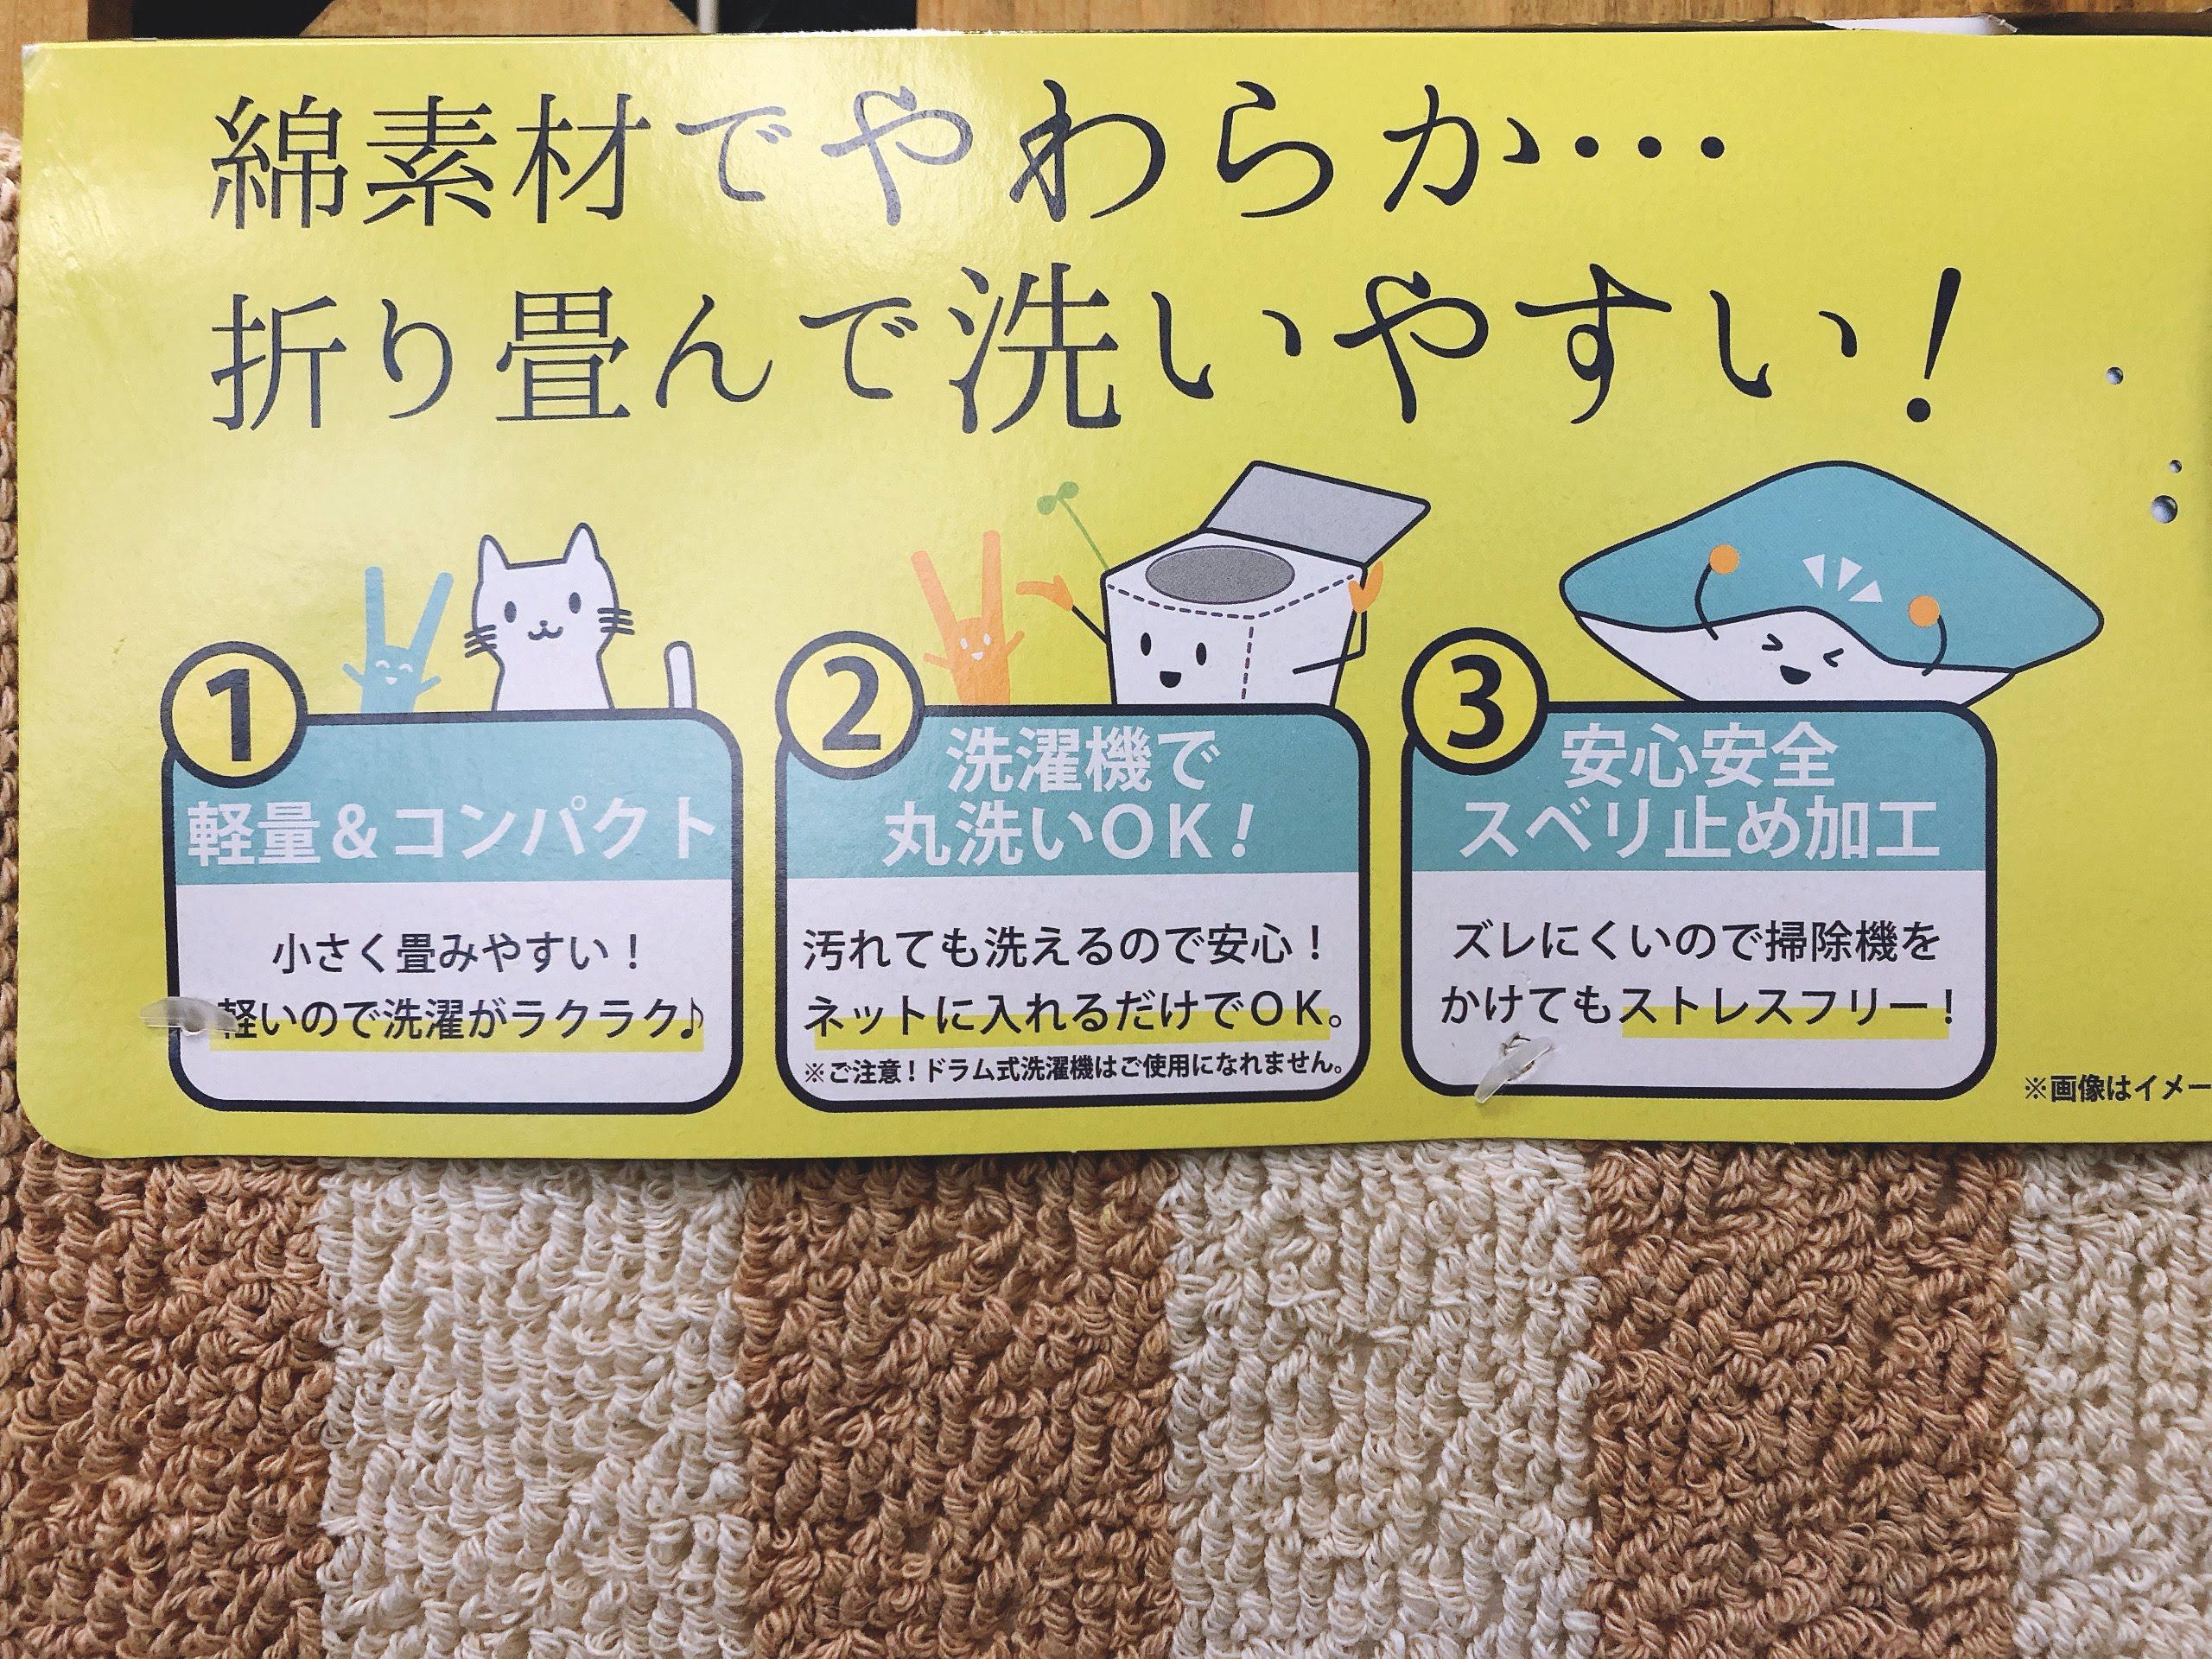 180㎝綿素材インテリアマット・キッチンマット アウトレット特価の画像4